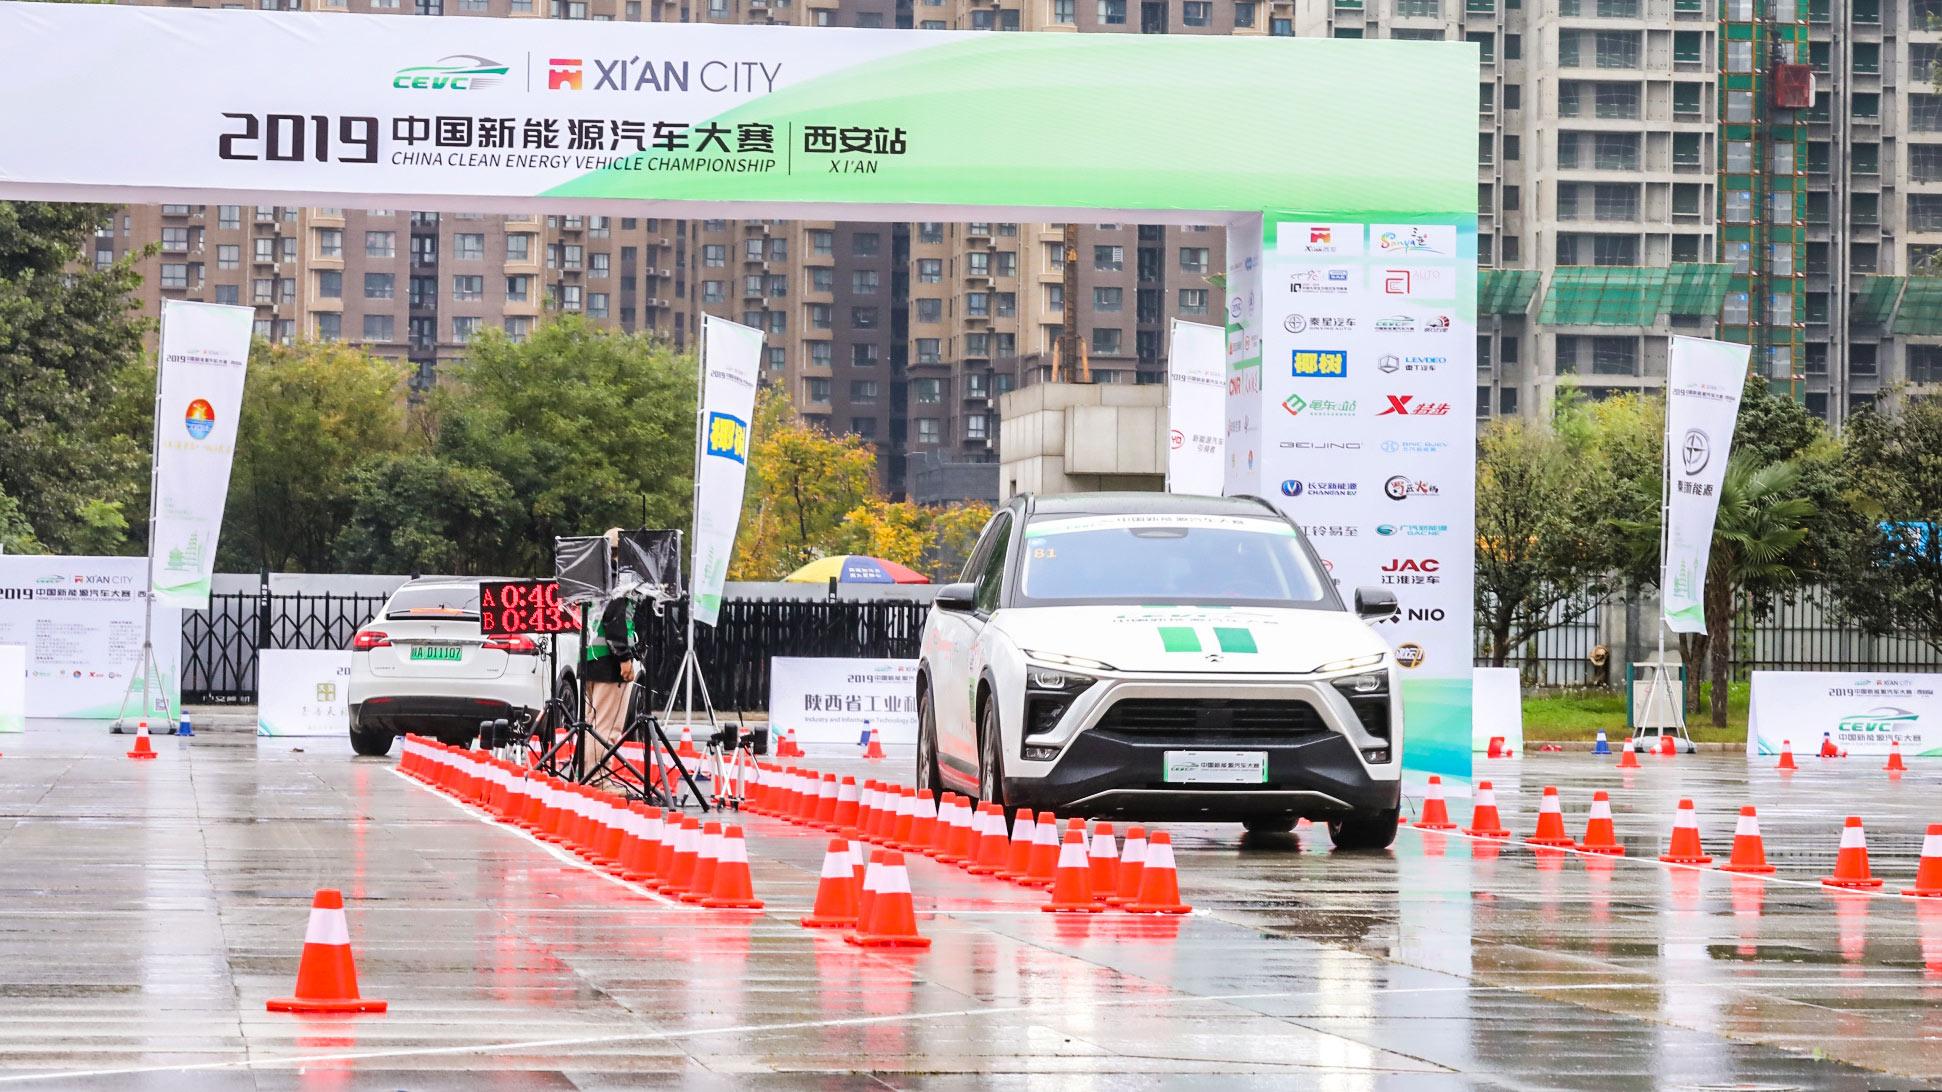 2019中国新能源汽车大赛西安站 高层领导专访